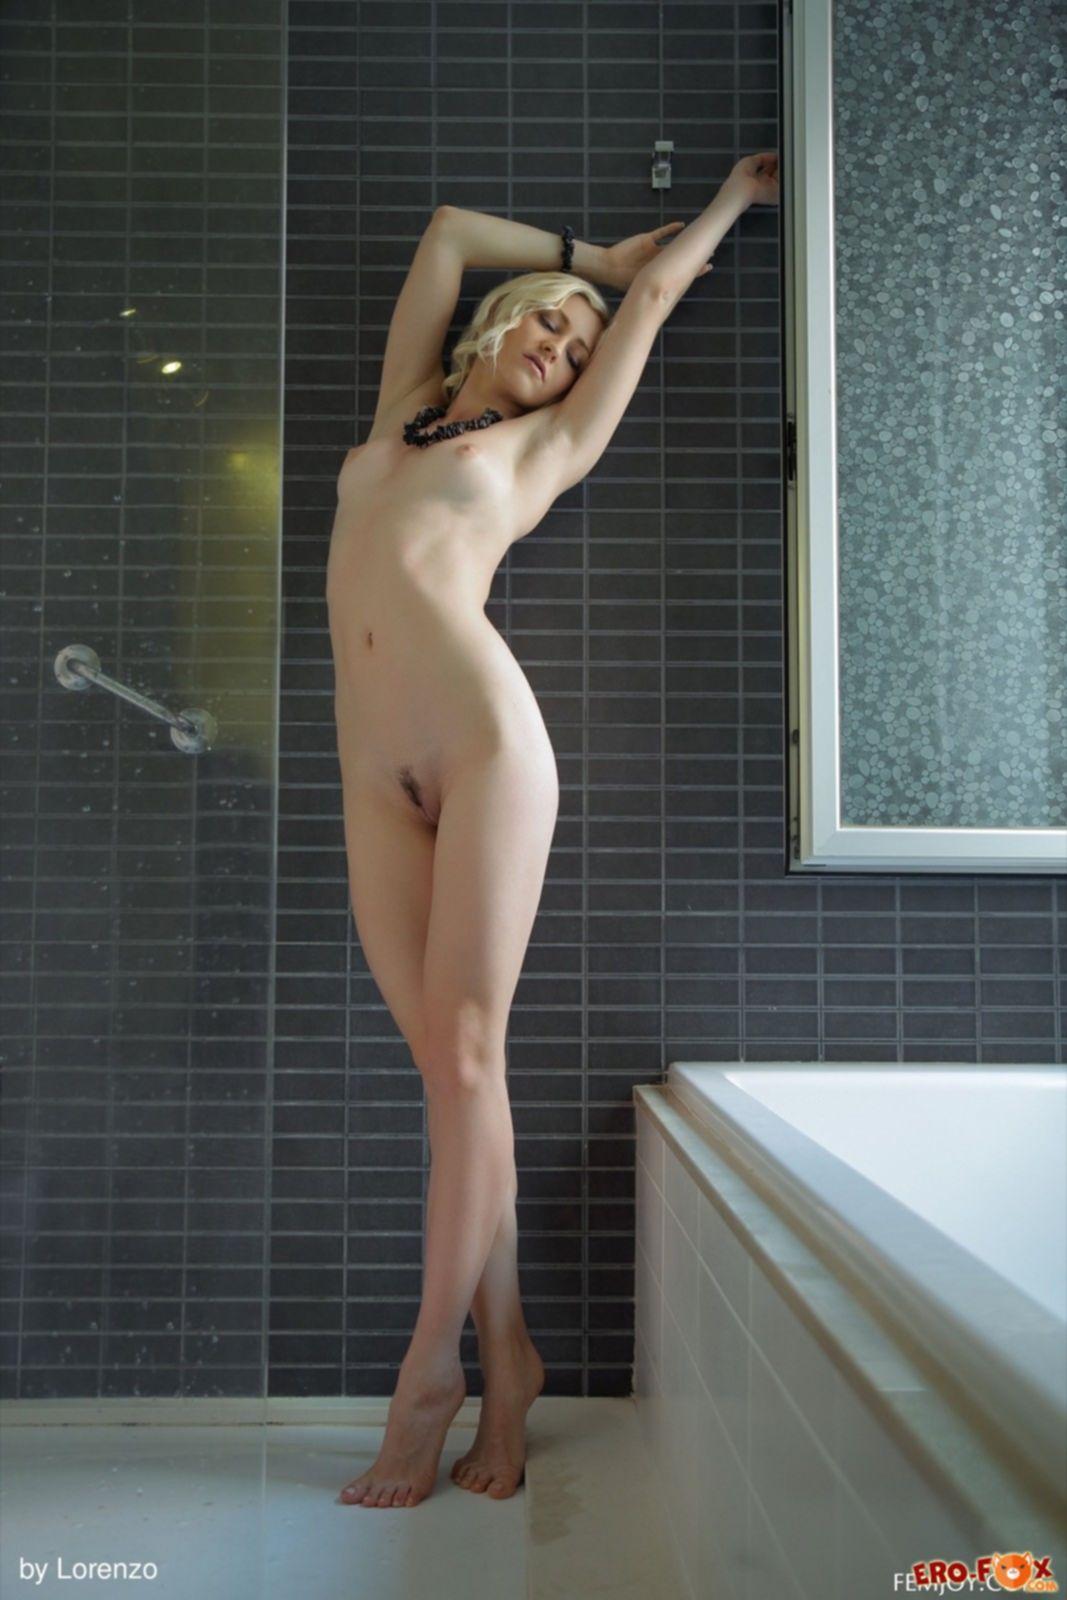 Голая блондинка мокрая лежит в ванне - фото